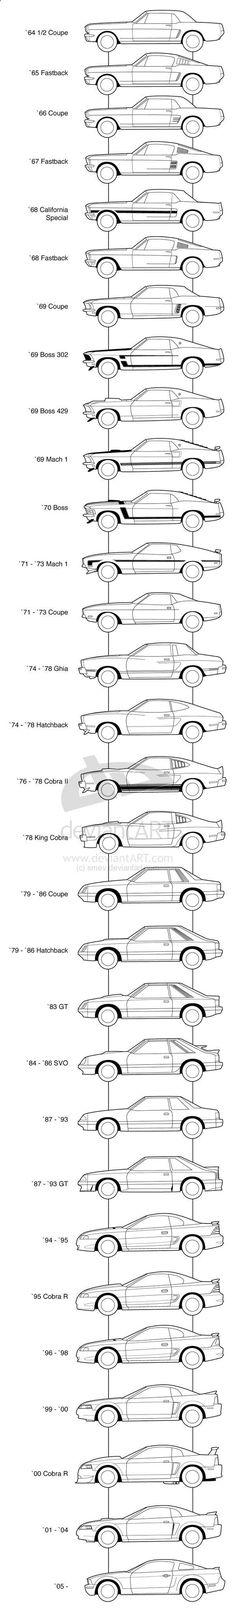 Mustang Guide by smev.deviantart.com on @deviantART